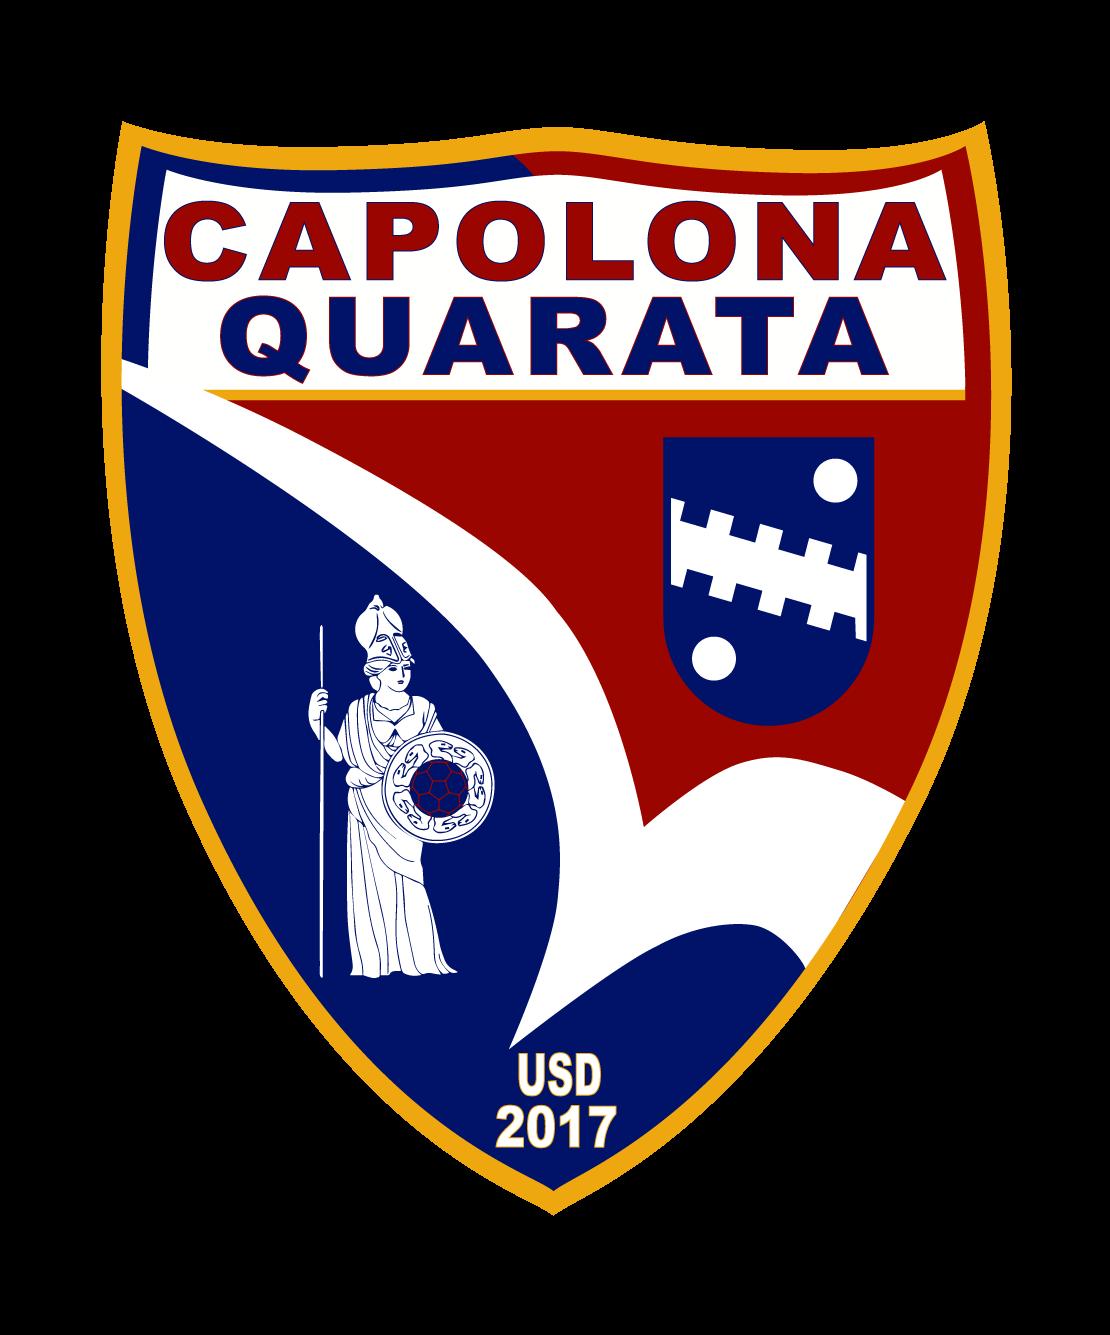 Capolona Quarata